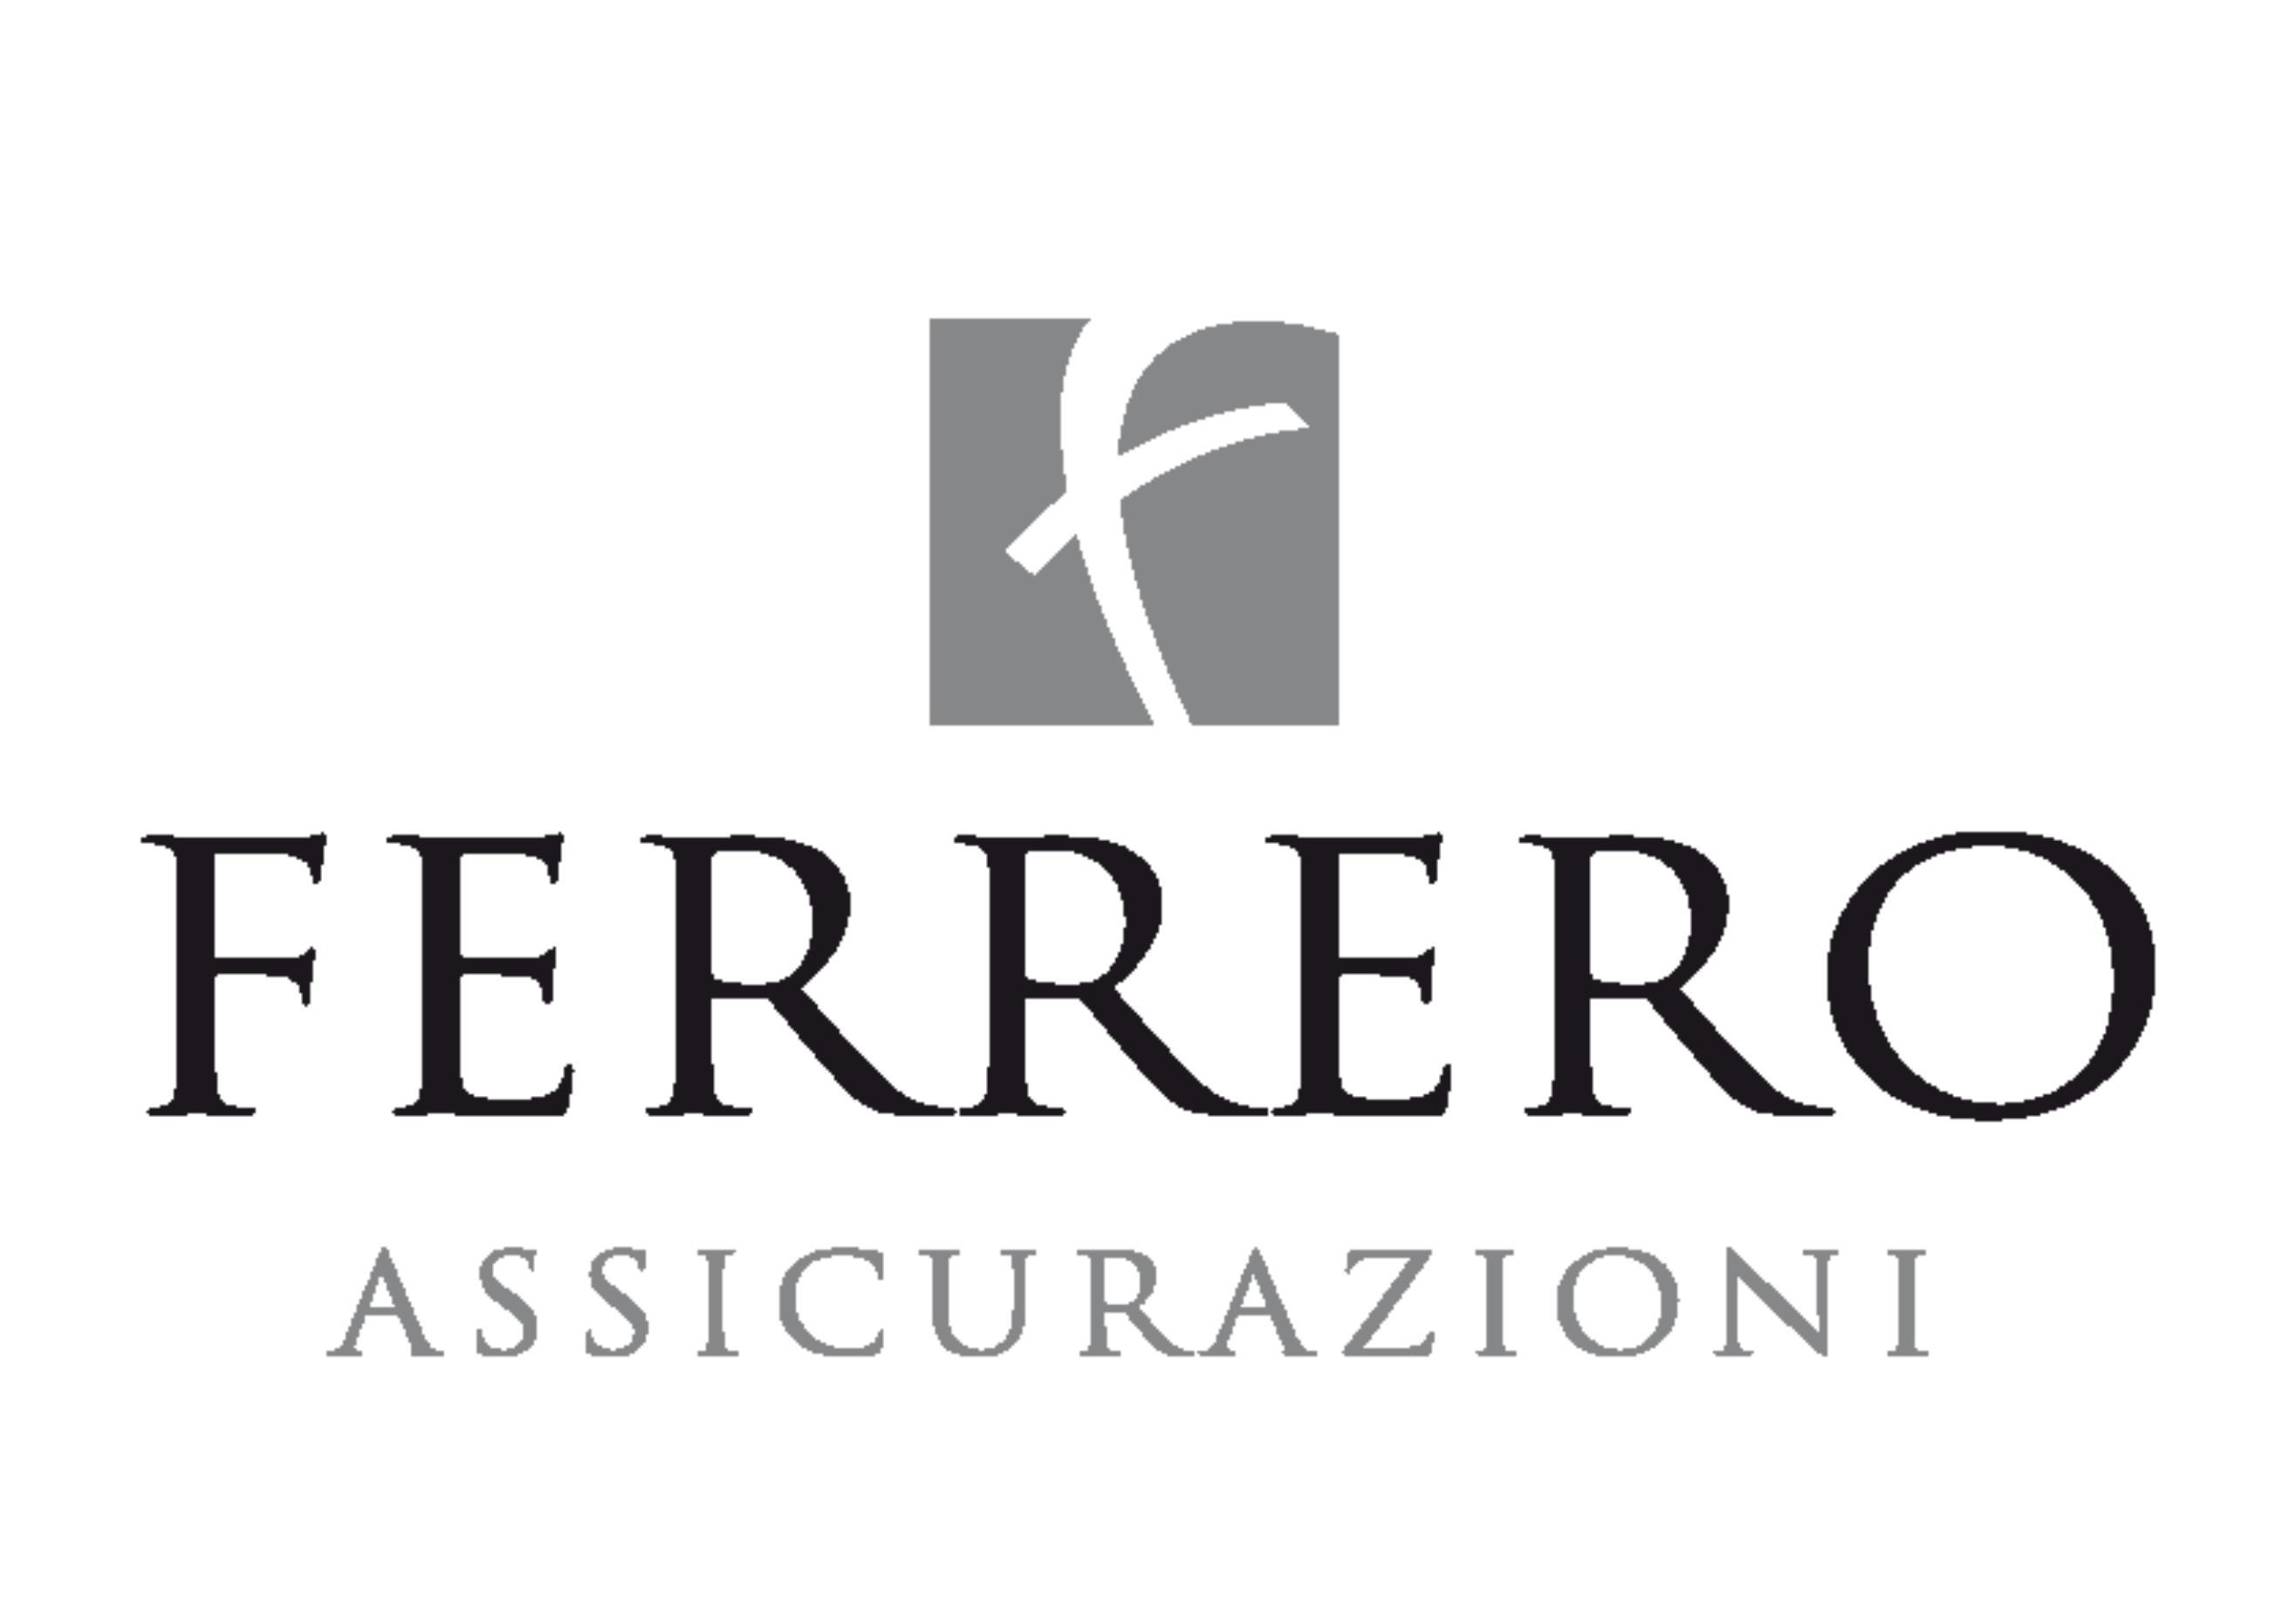 Ferrero Assicurazioni Logo h